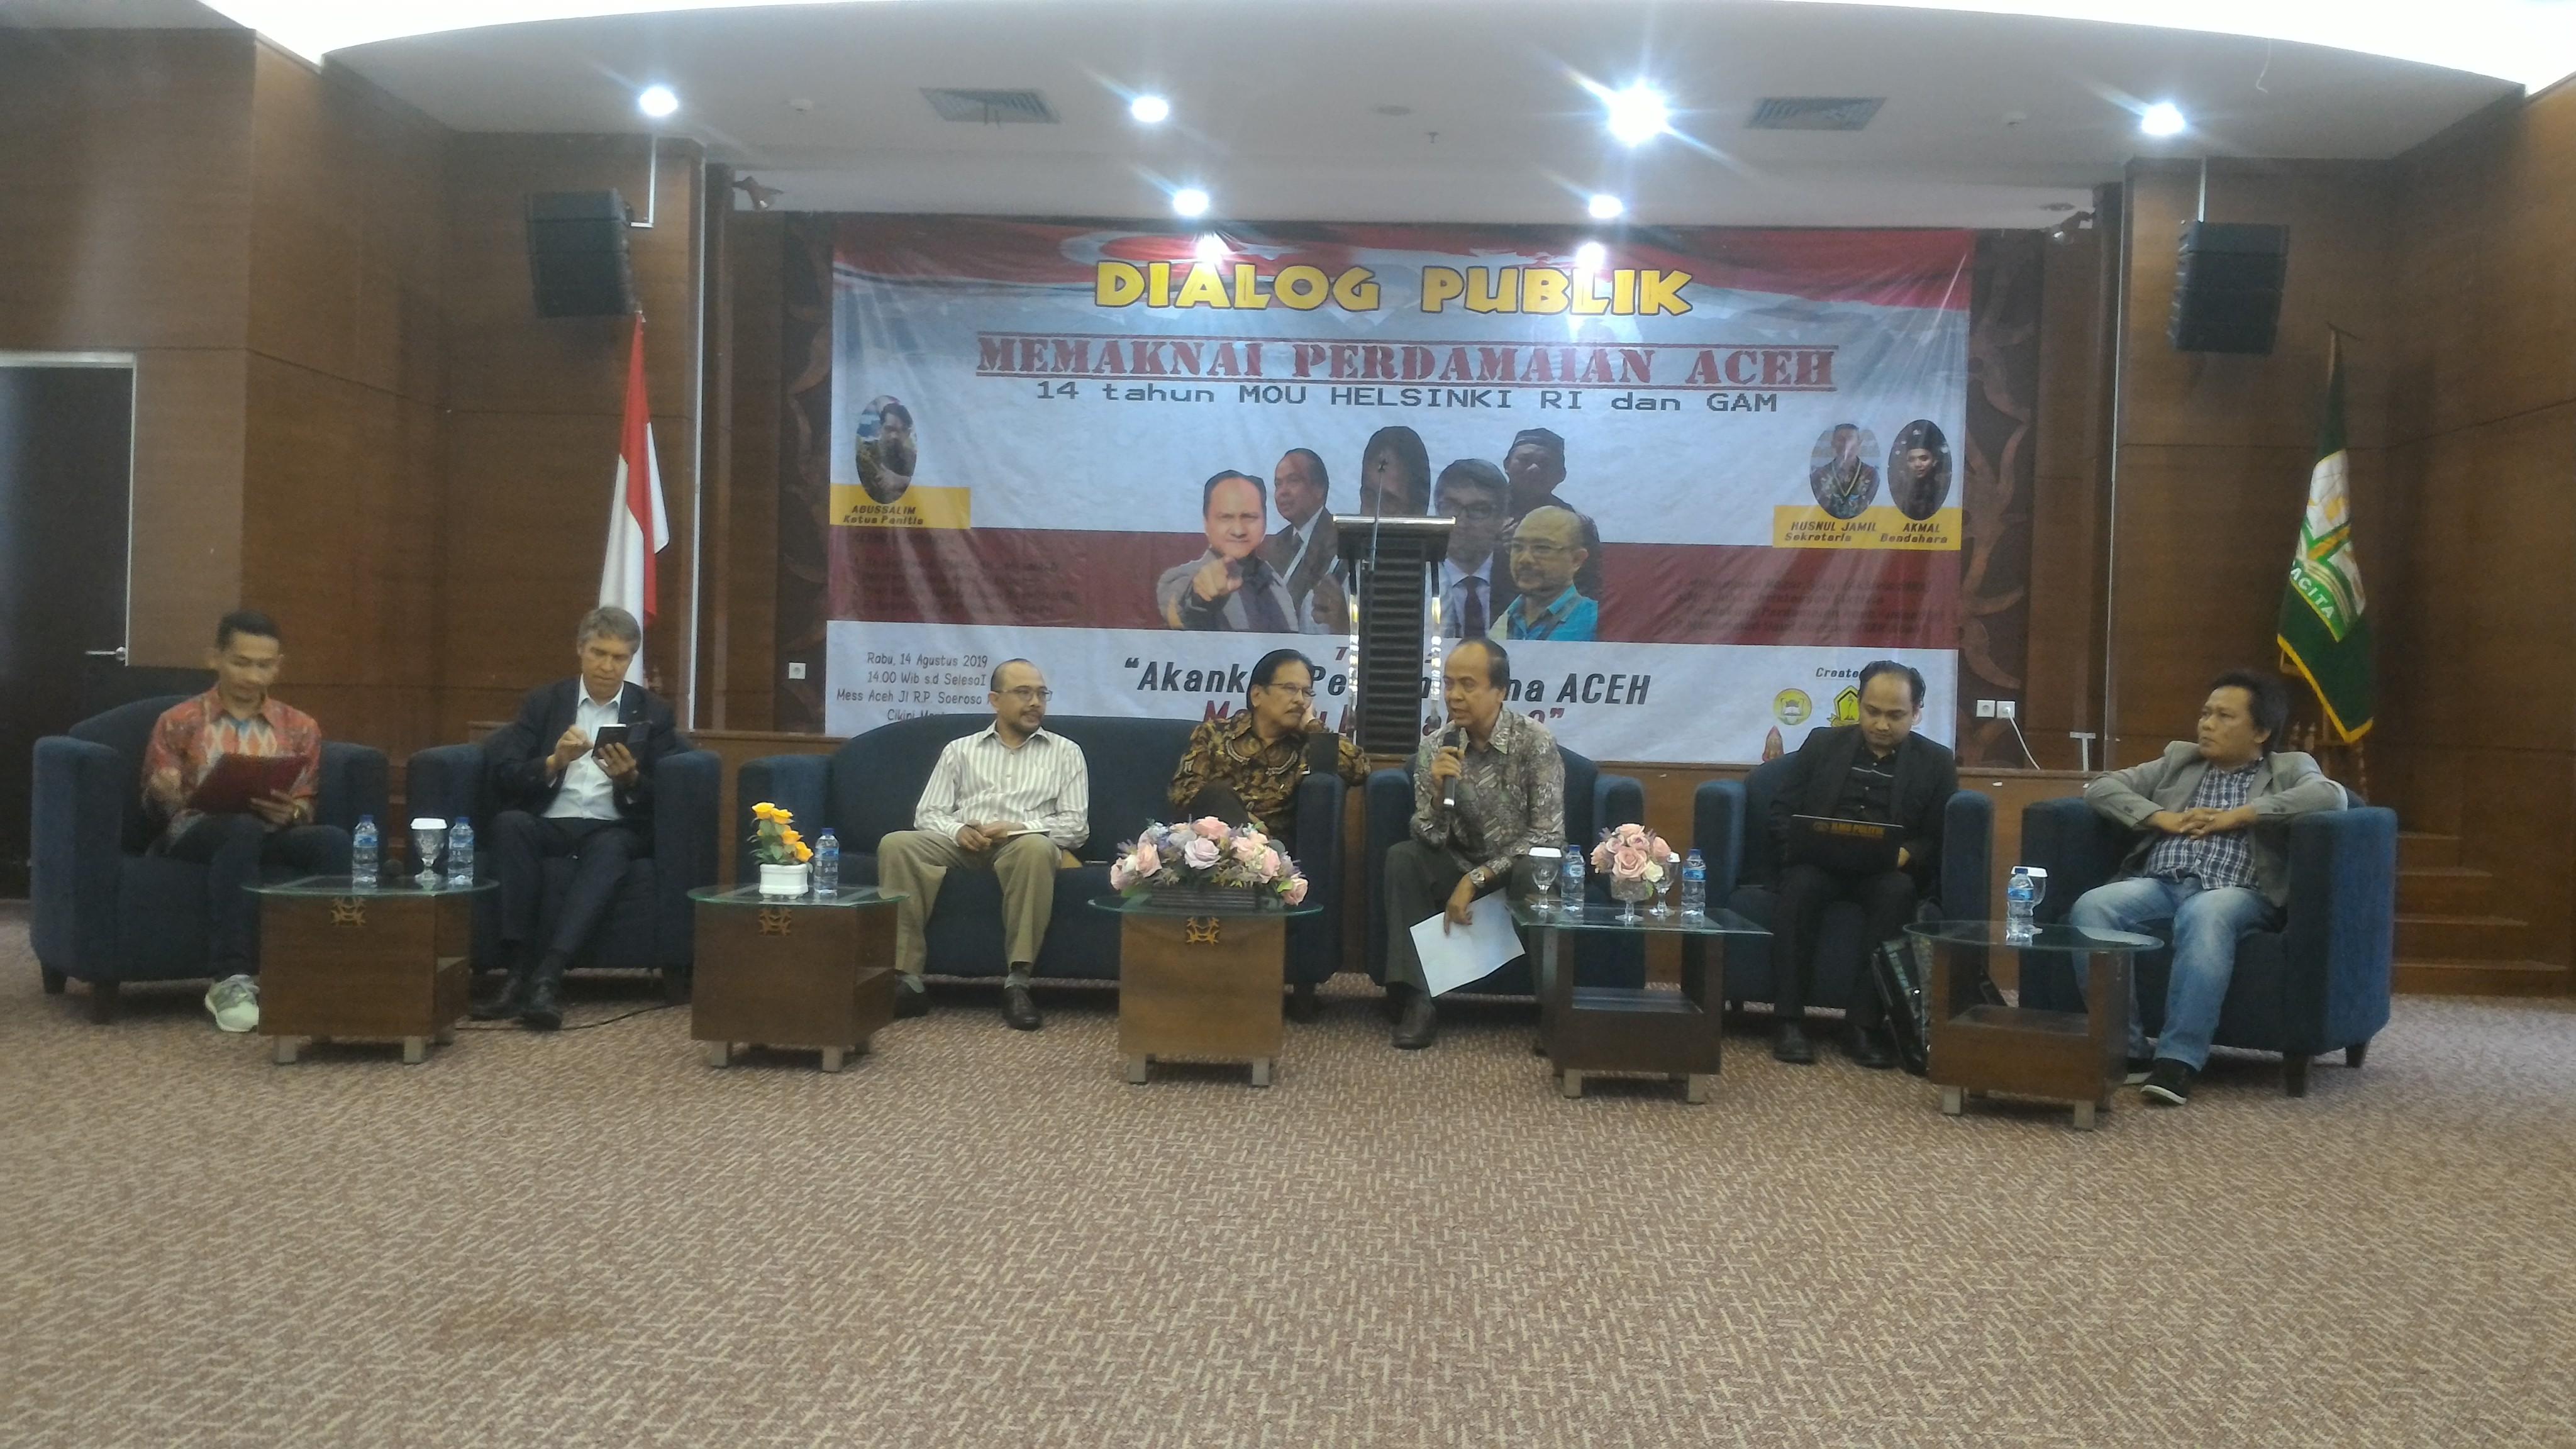 Memaknai Perdamaian Aceh, Masih Ada Poin – Poin Yang Tidak Bisa Dilaksanakan